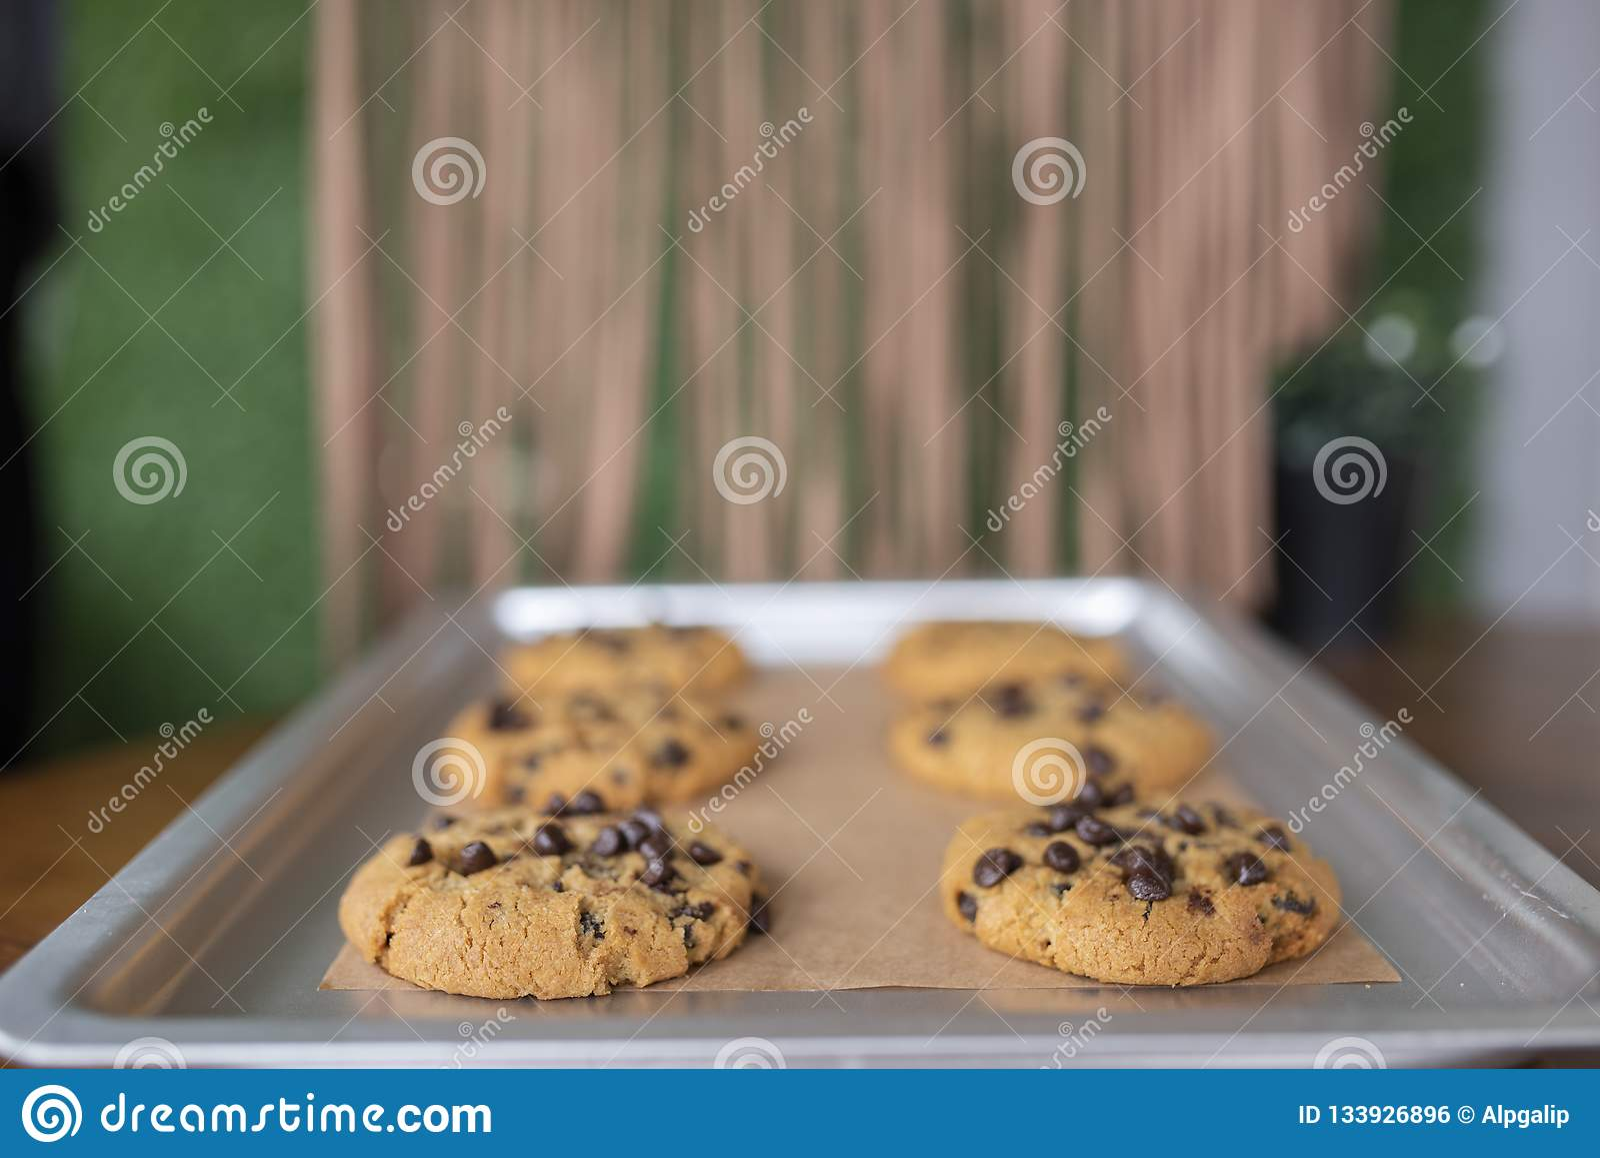 与面筋自由成份的面筋免费曲奇饼在服务盘子